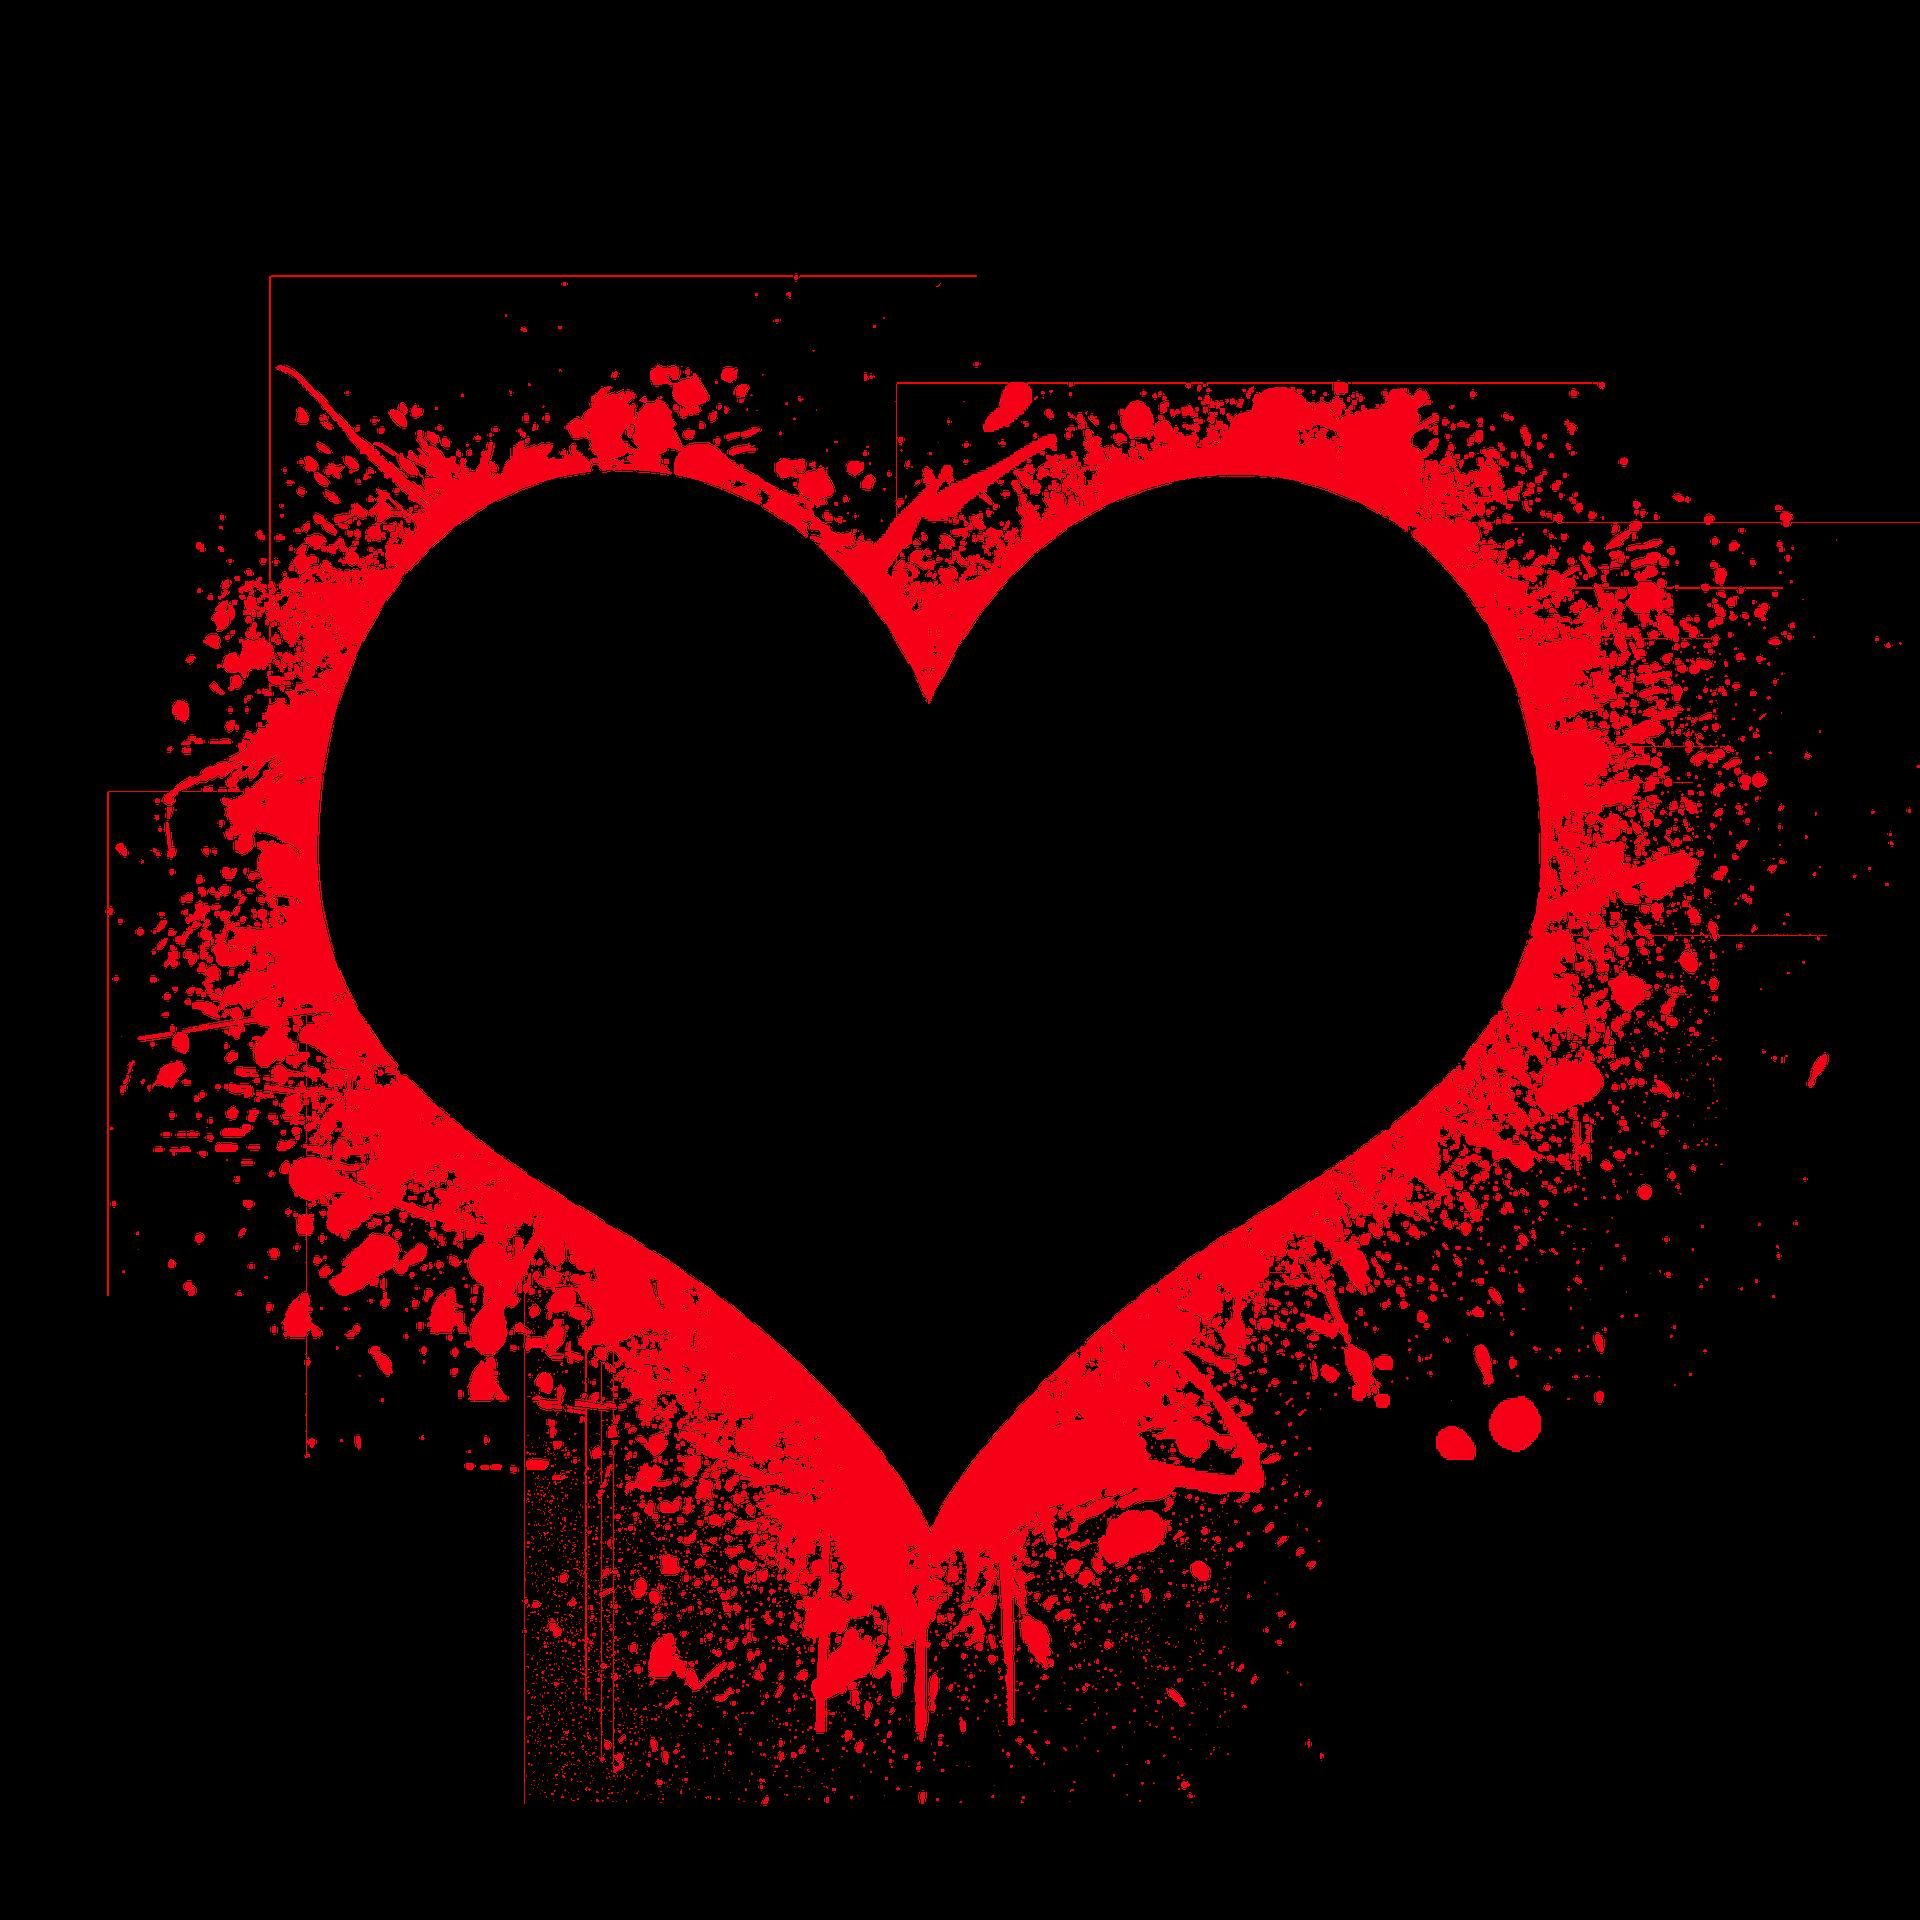 Rakastumisessa on paljon hyvää ja jos rakkaus säilyy niin myös hyvät ominaisuudet säilyvät